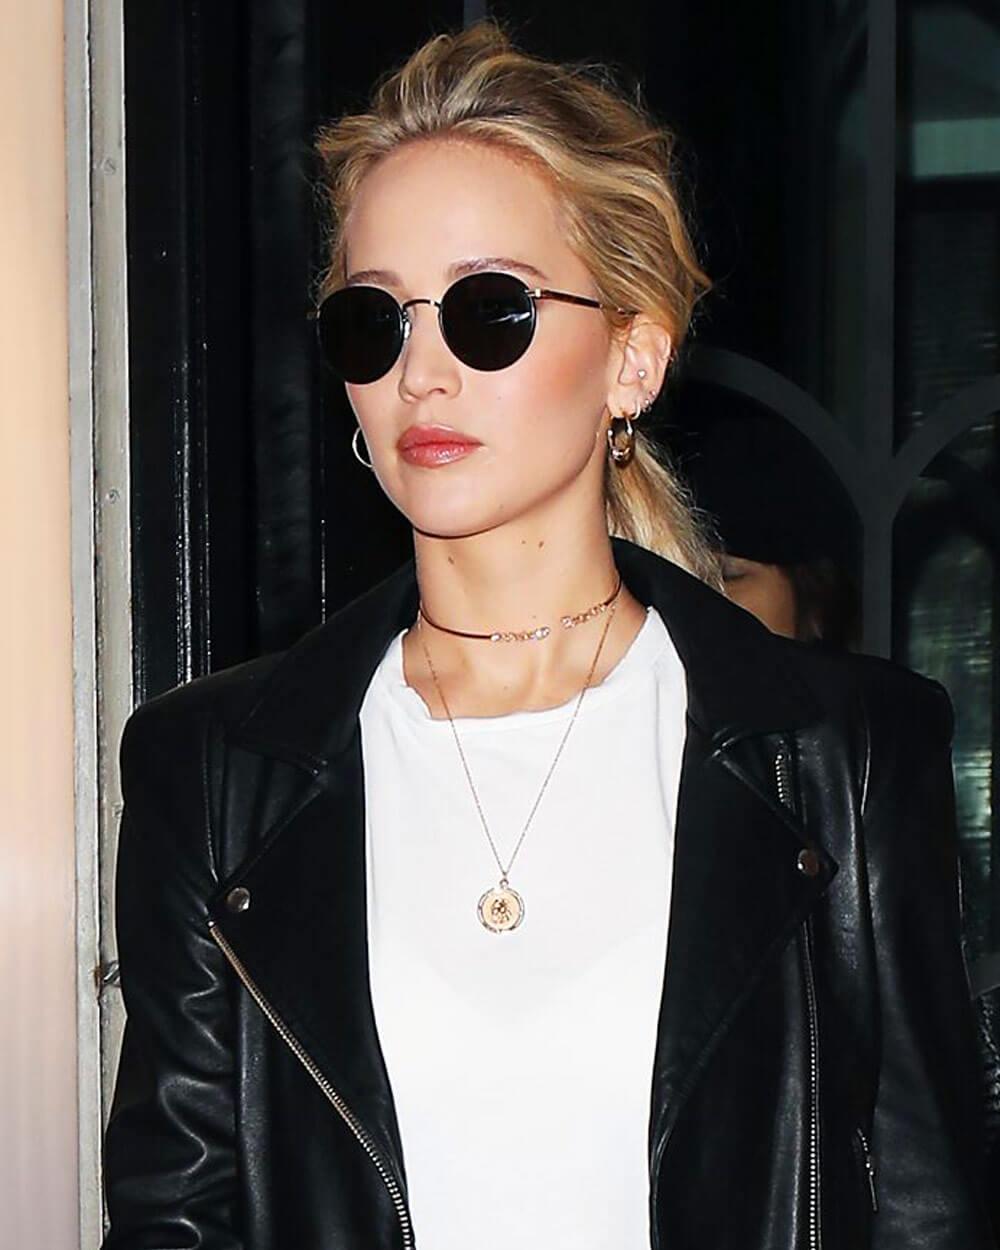 Jennifer Lawrence wearing round sunglasses